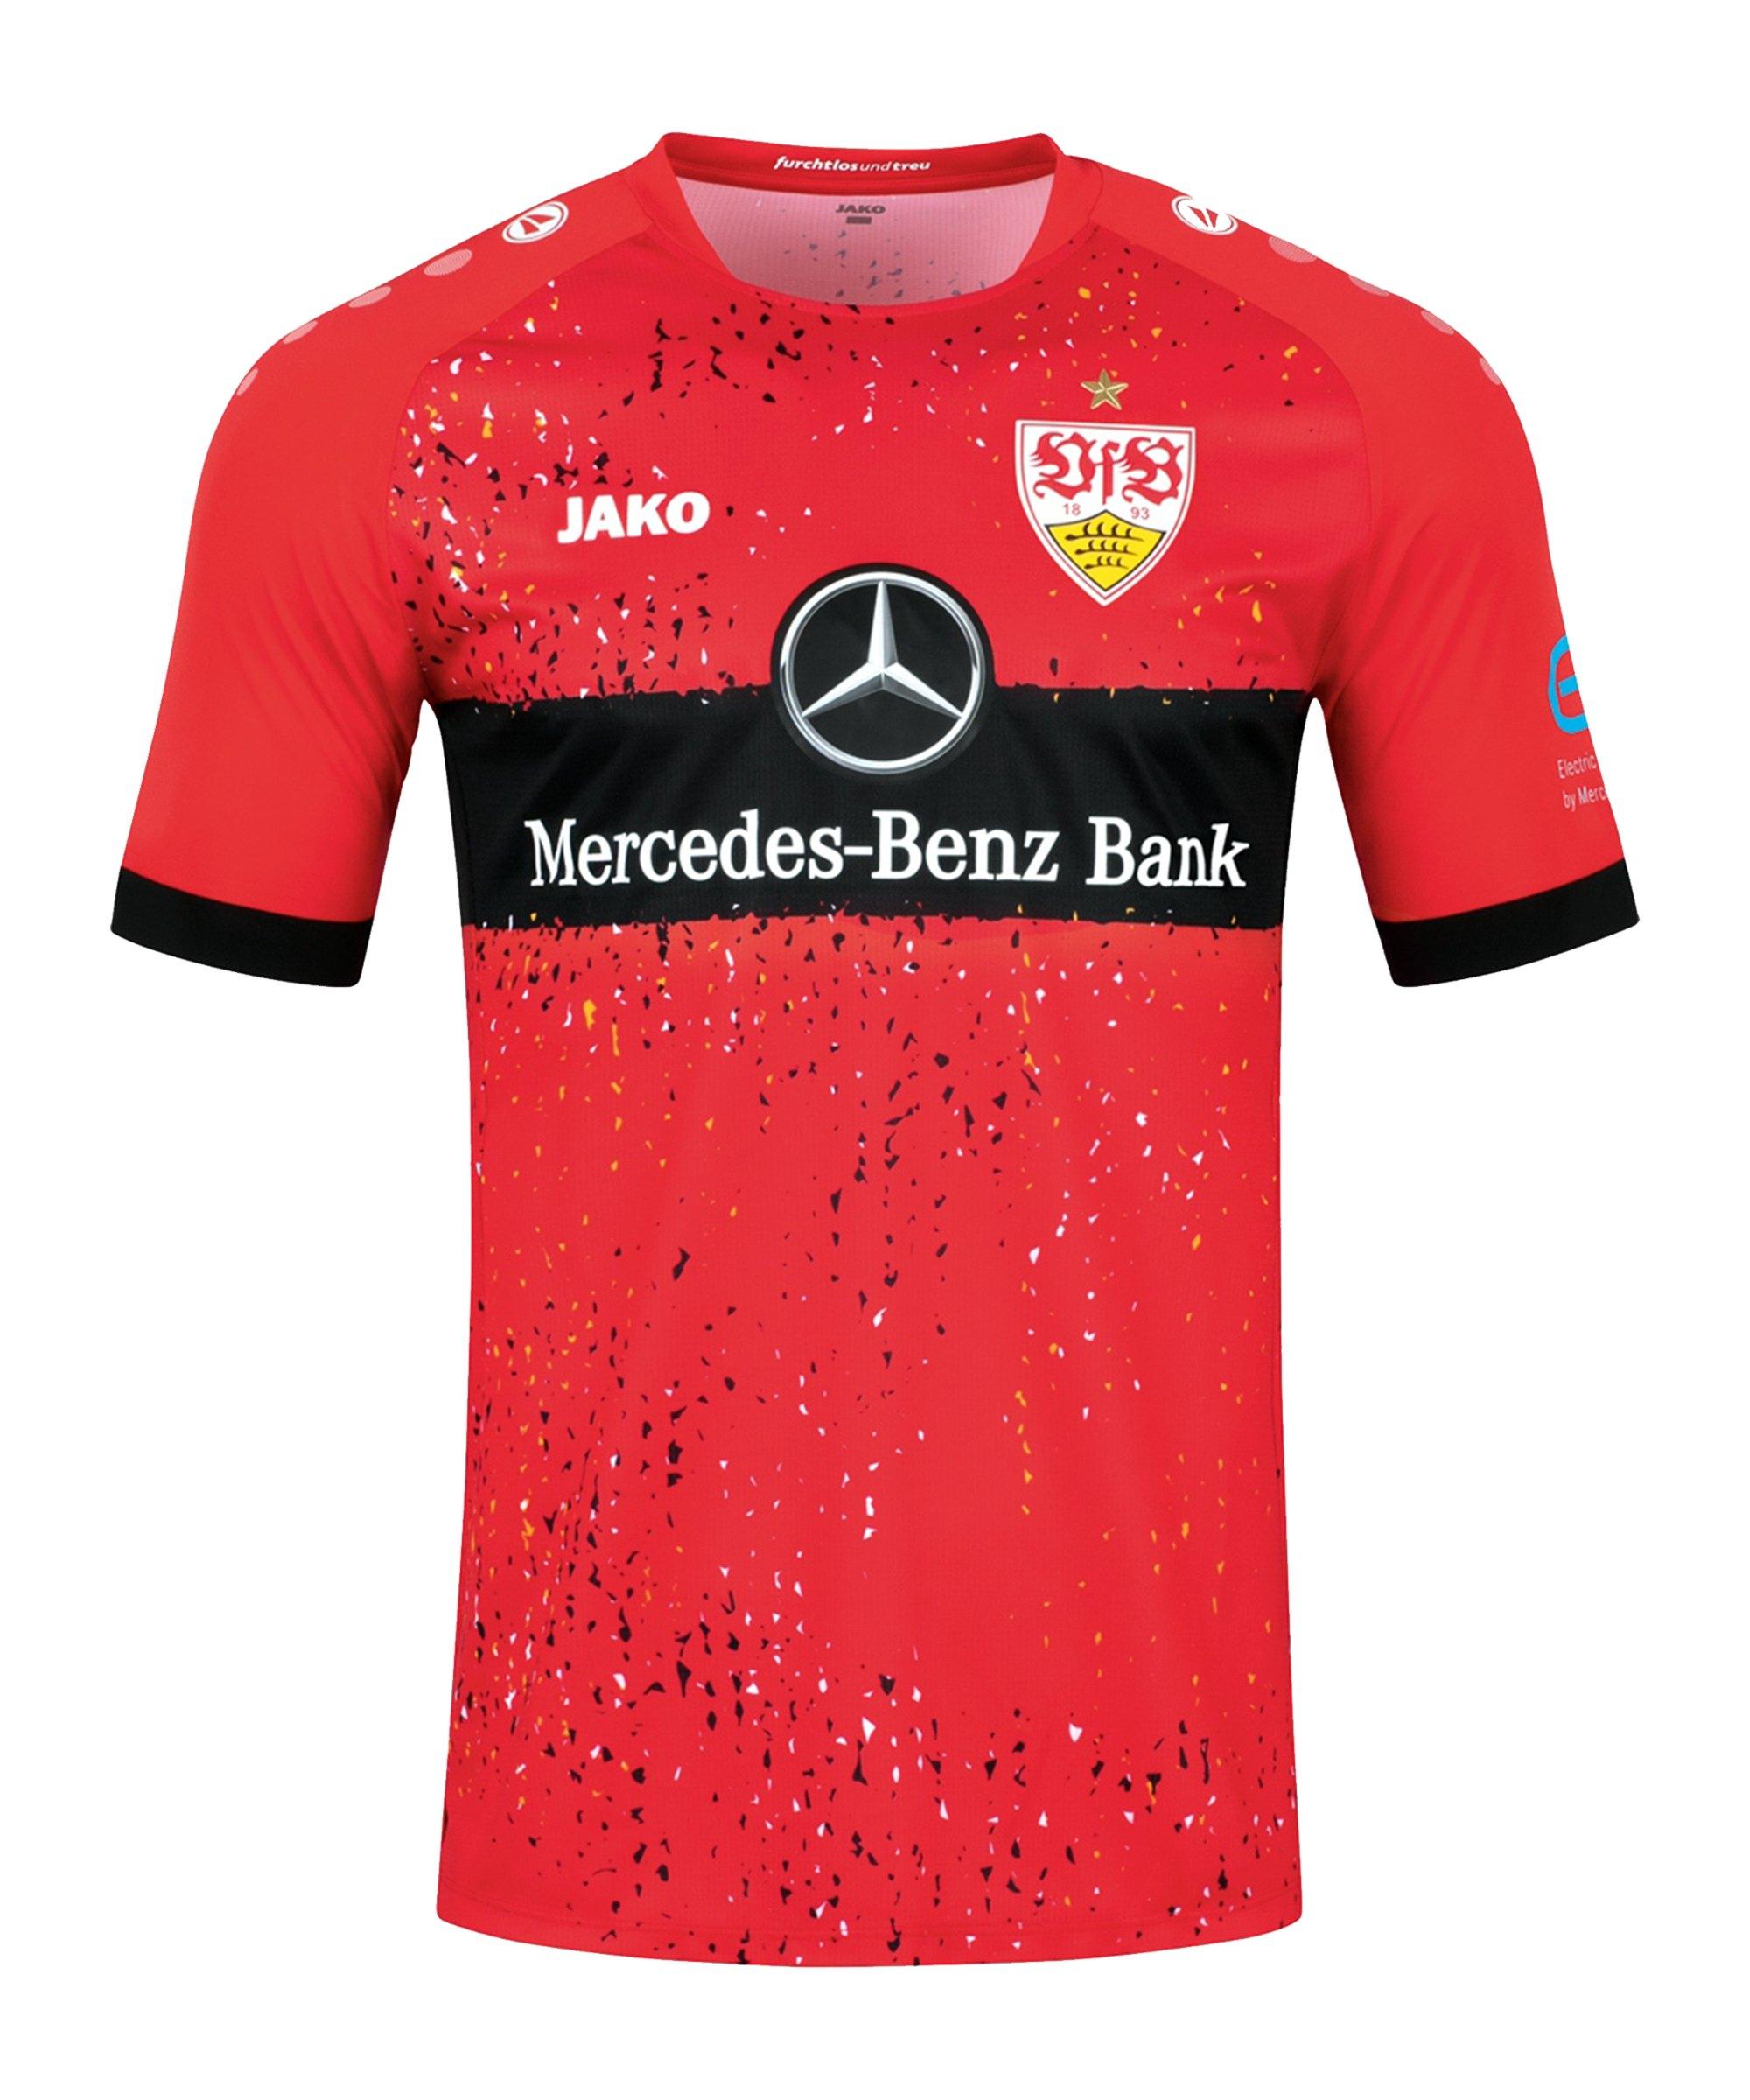 JAKO VfB Stuttgart Trikot Away 2021/2022 Rot F110 - rot